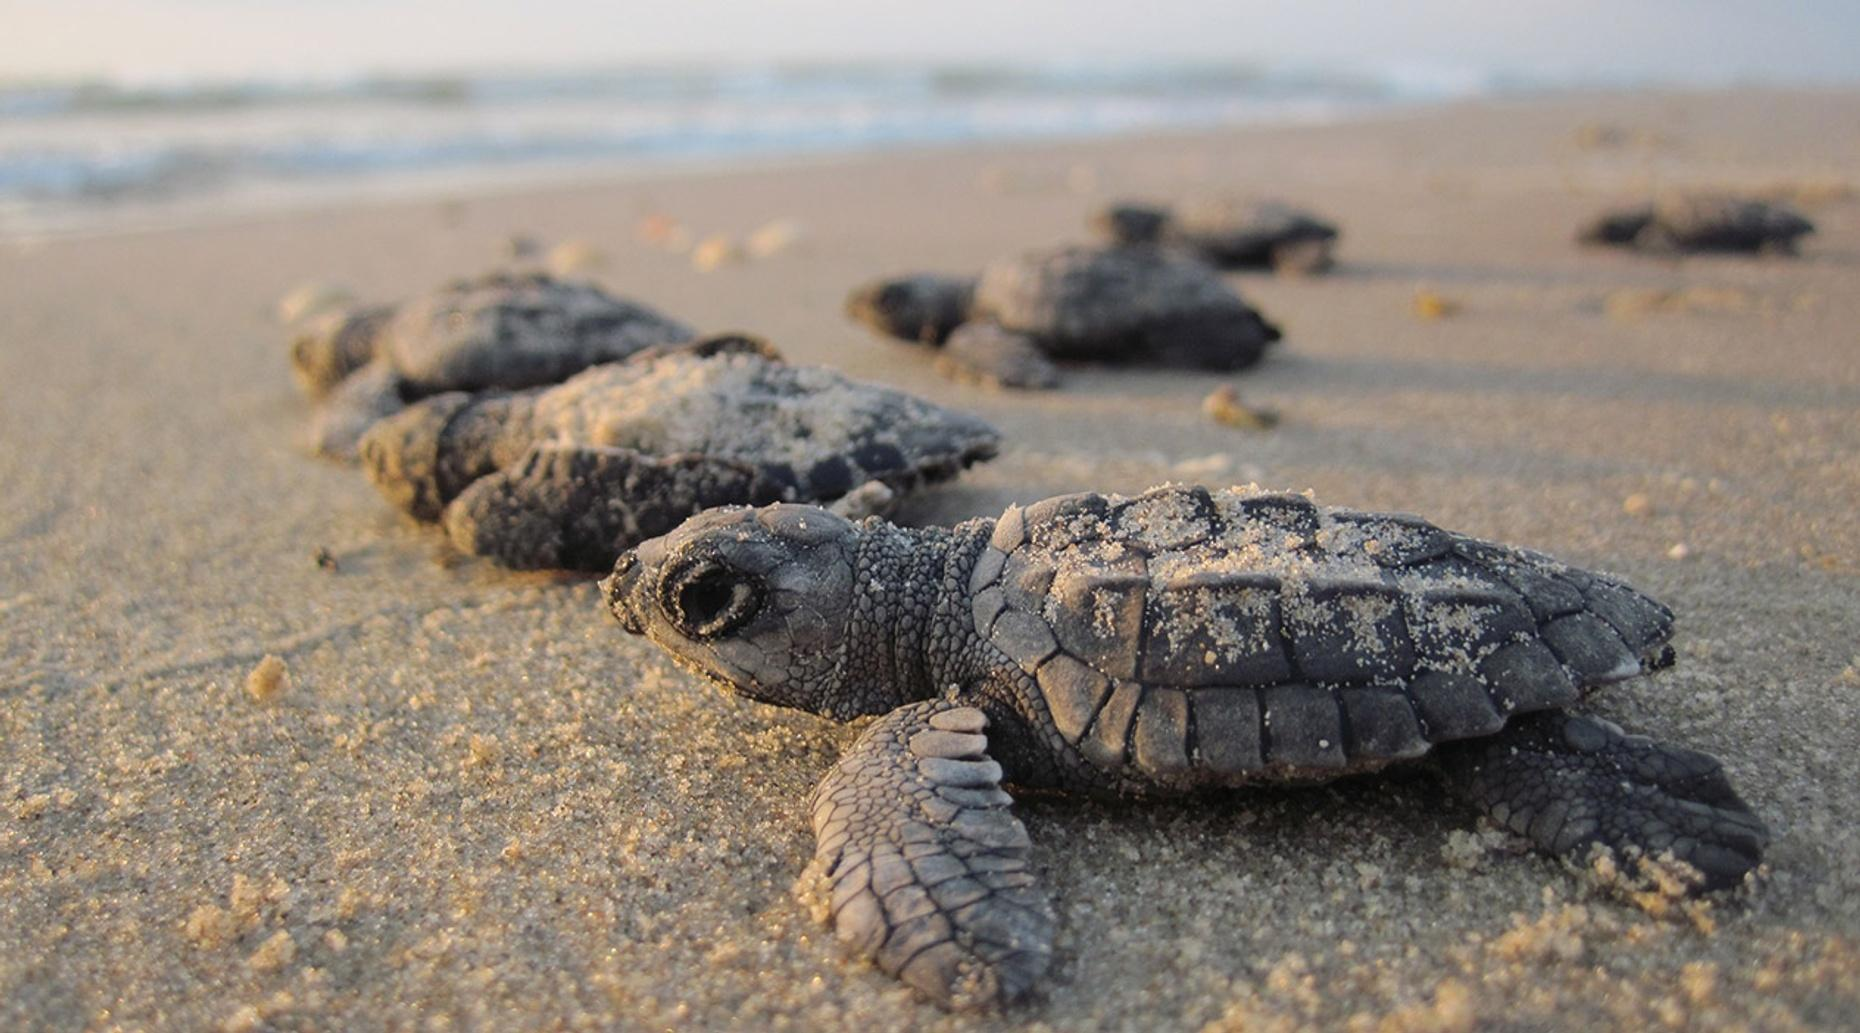 Estuary Boat Tour & Sea Turtle Camp in Puerto Vallarta